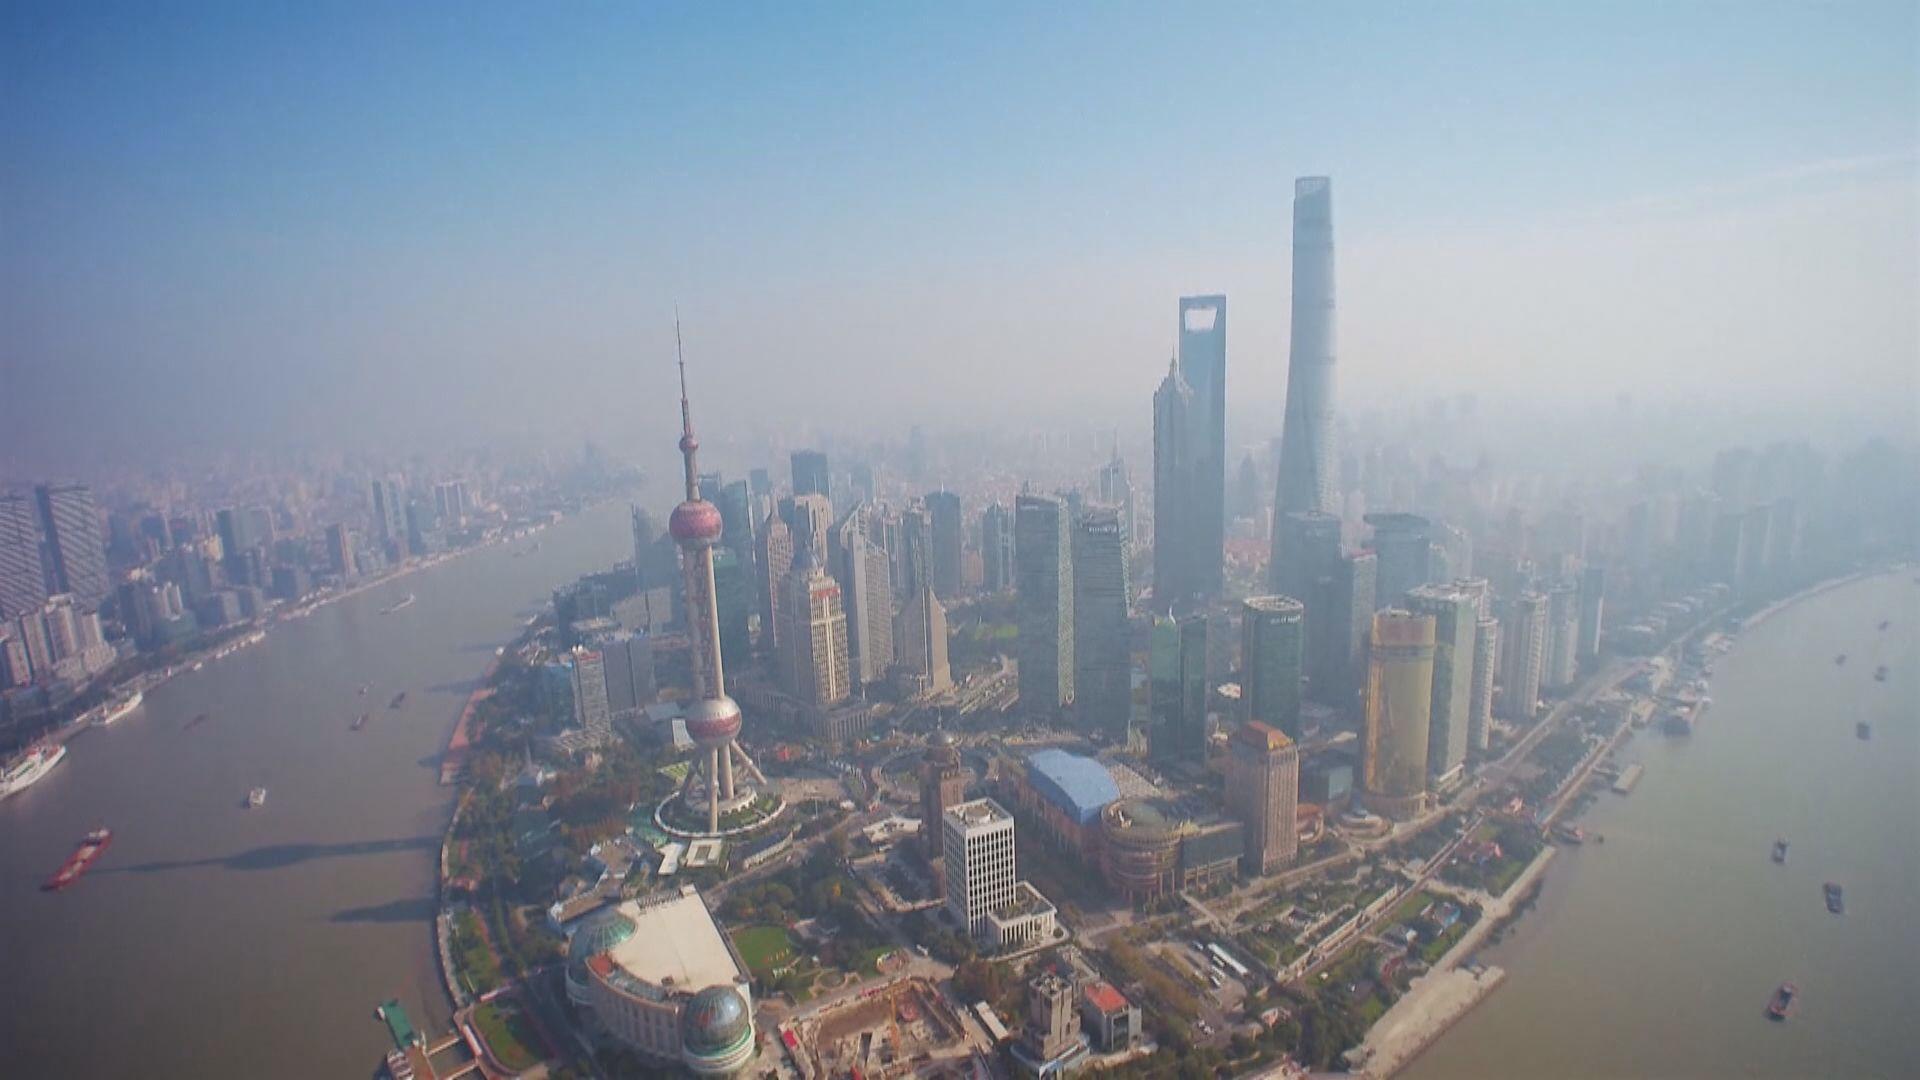 報告指修改世貿規則限制中國不切實際